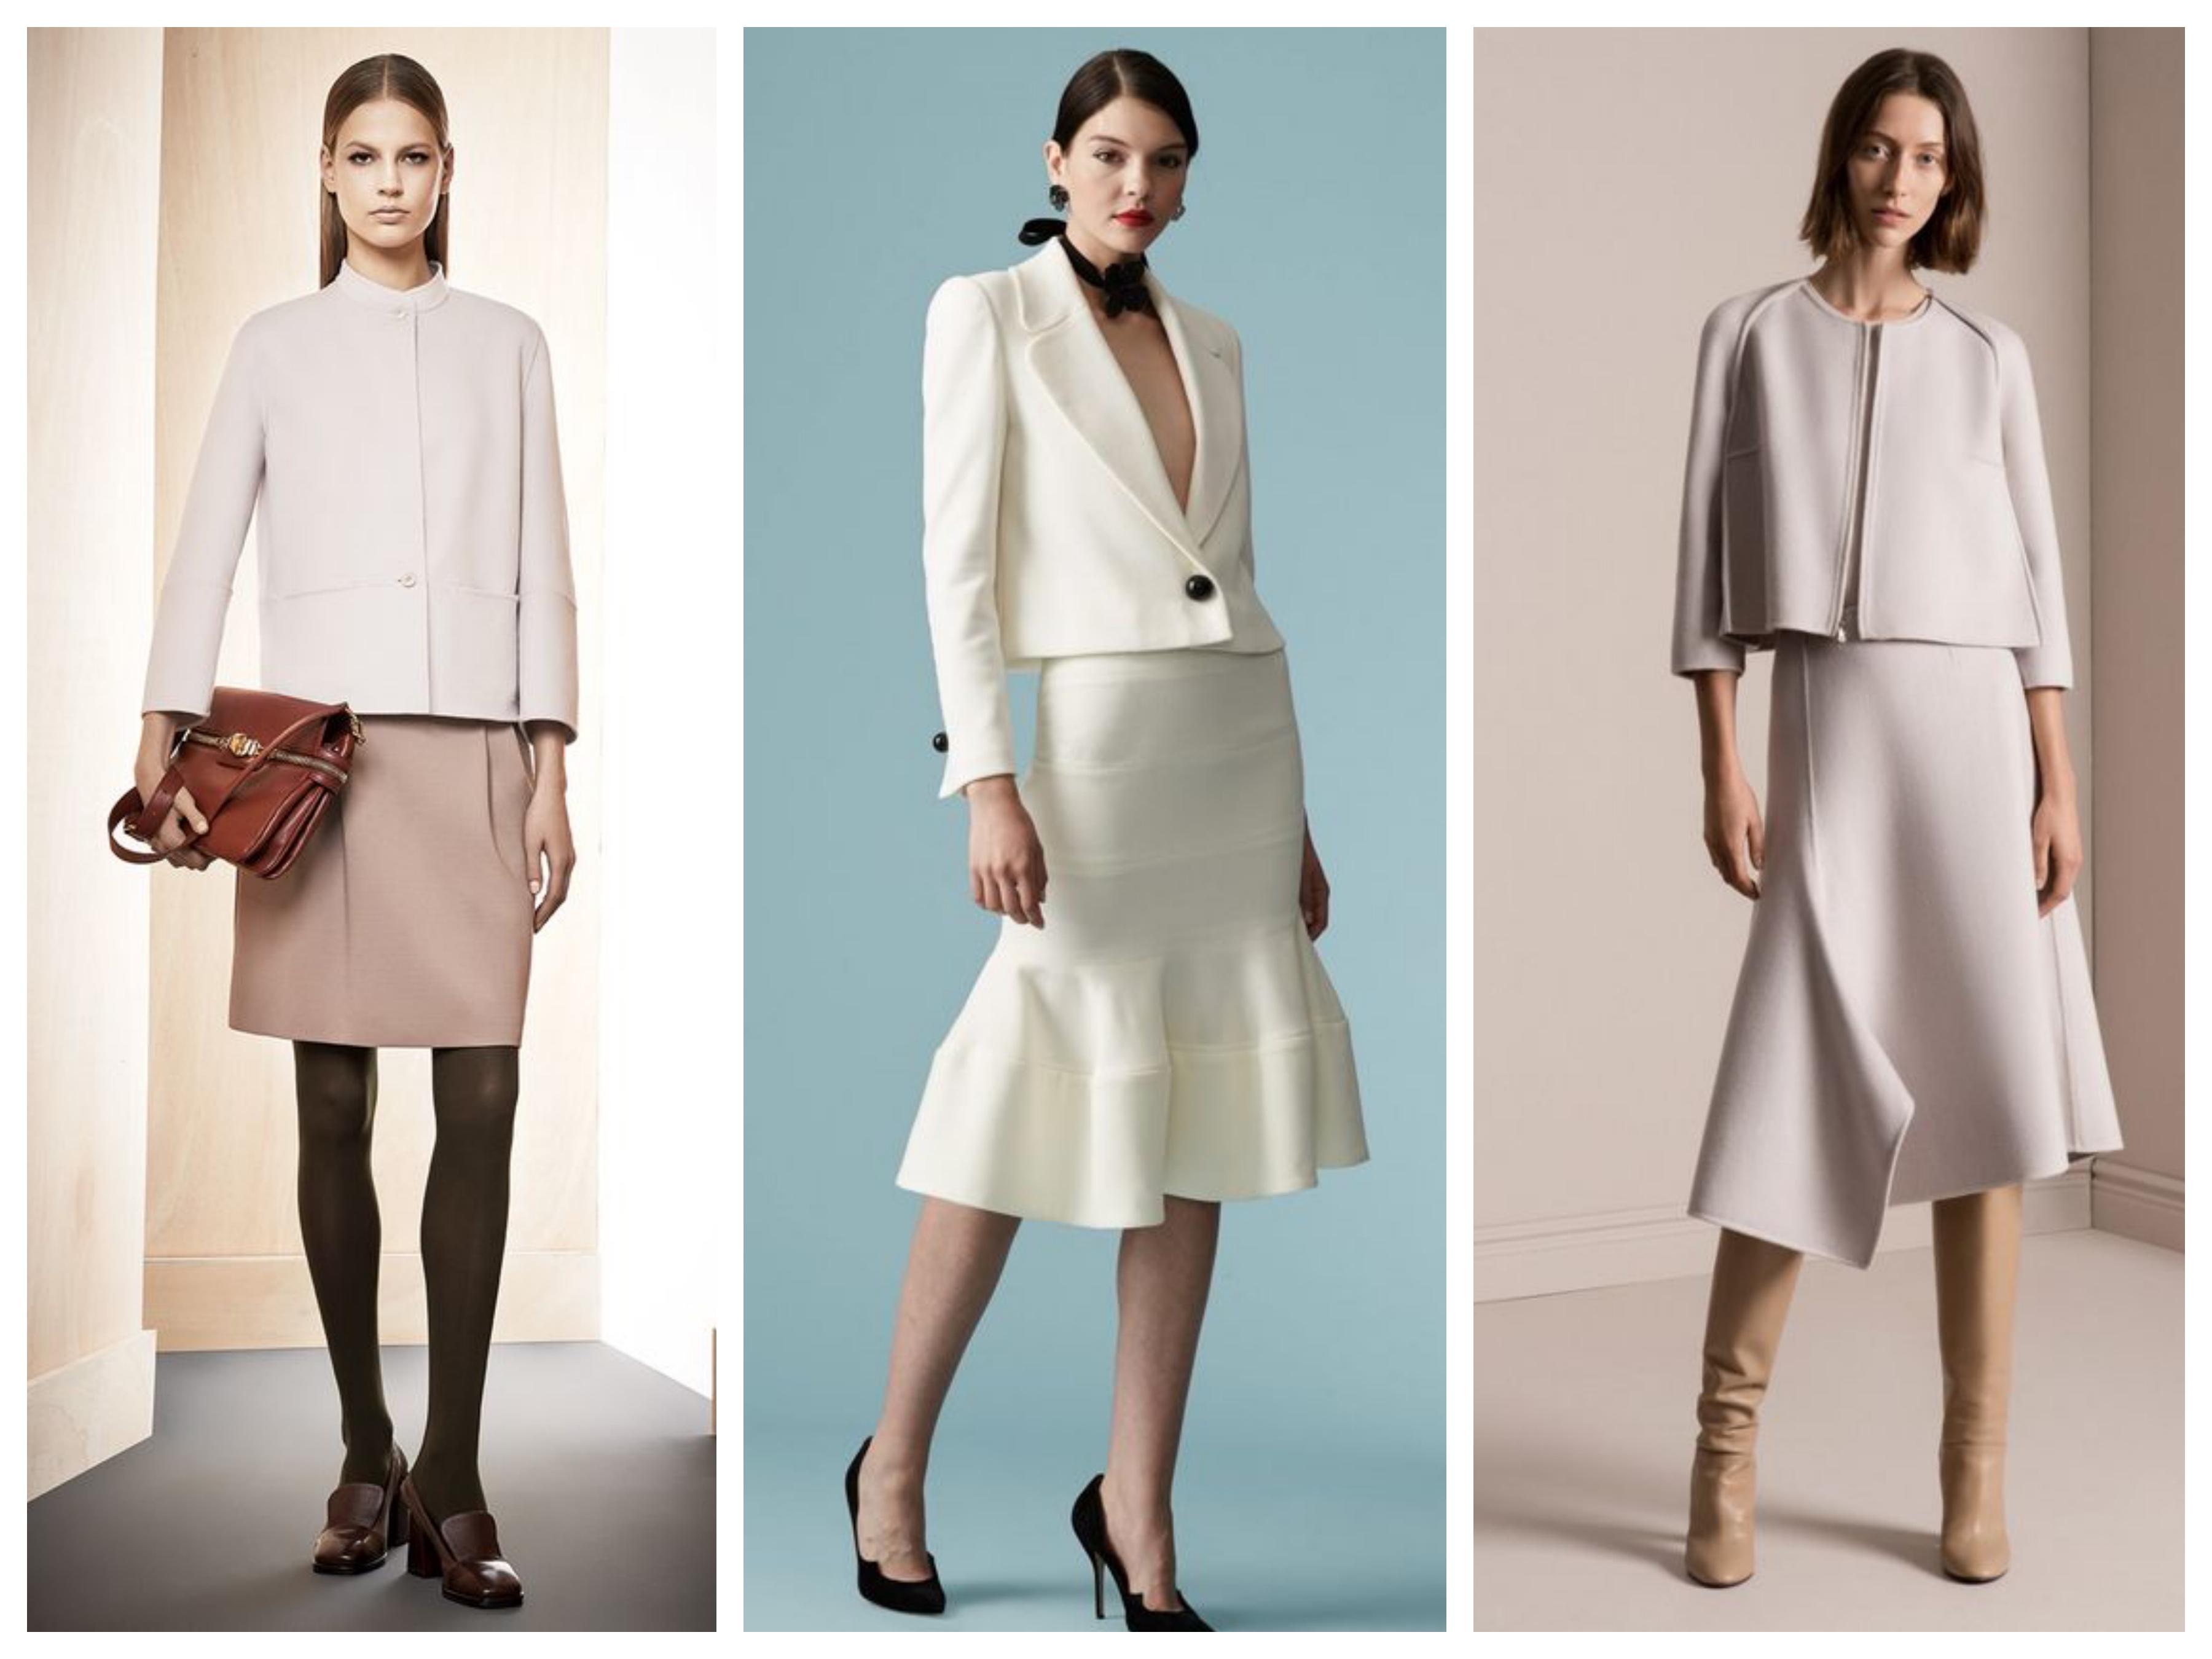 Пиджак с разными юбками